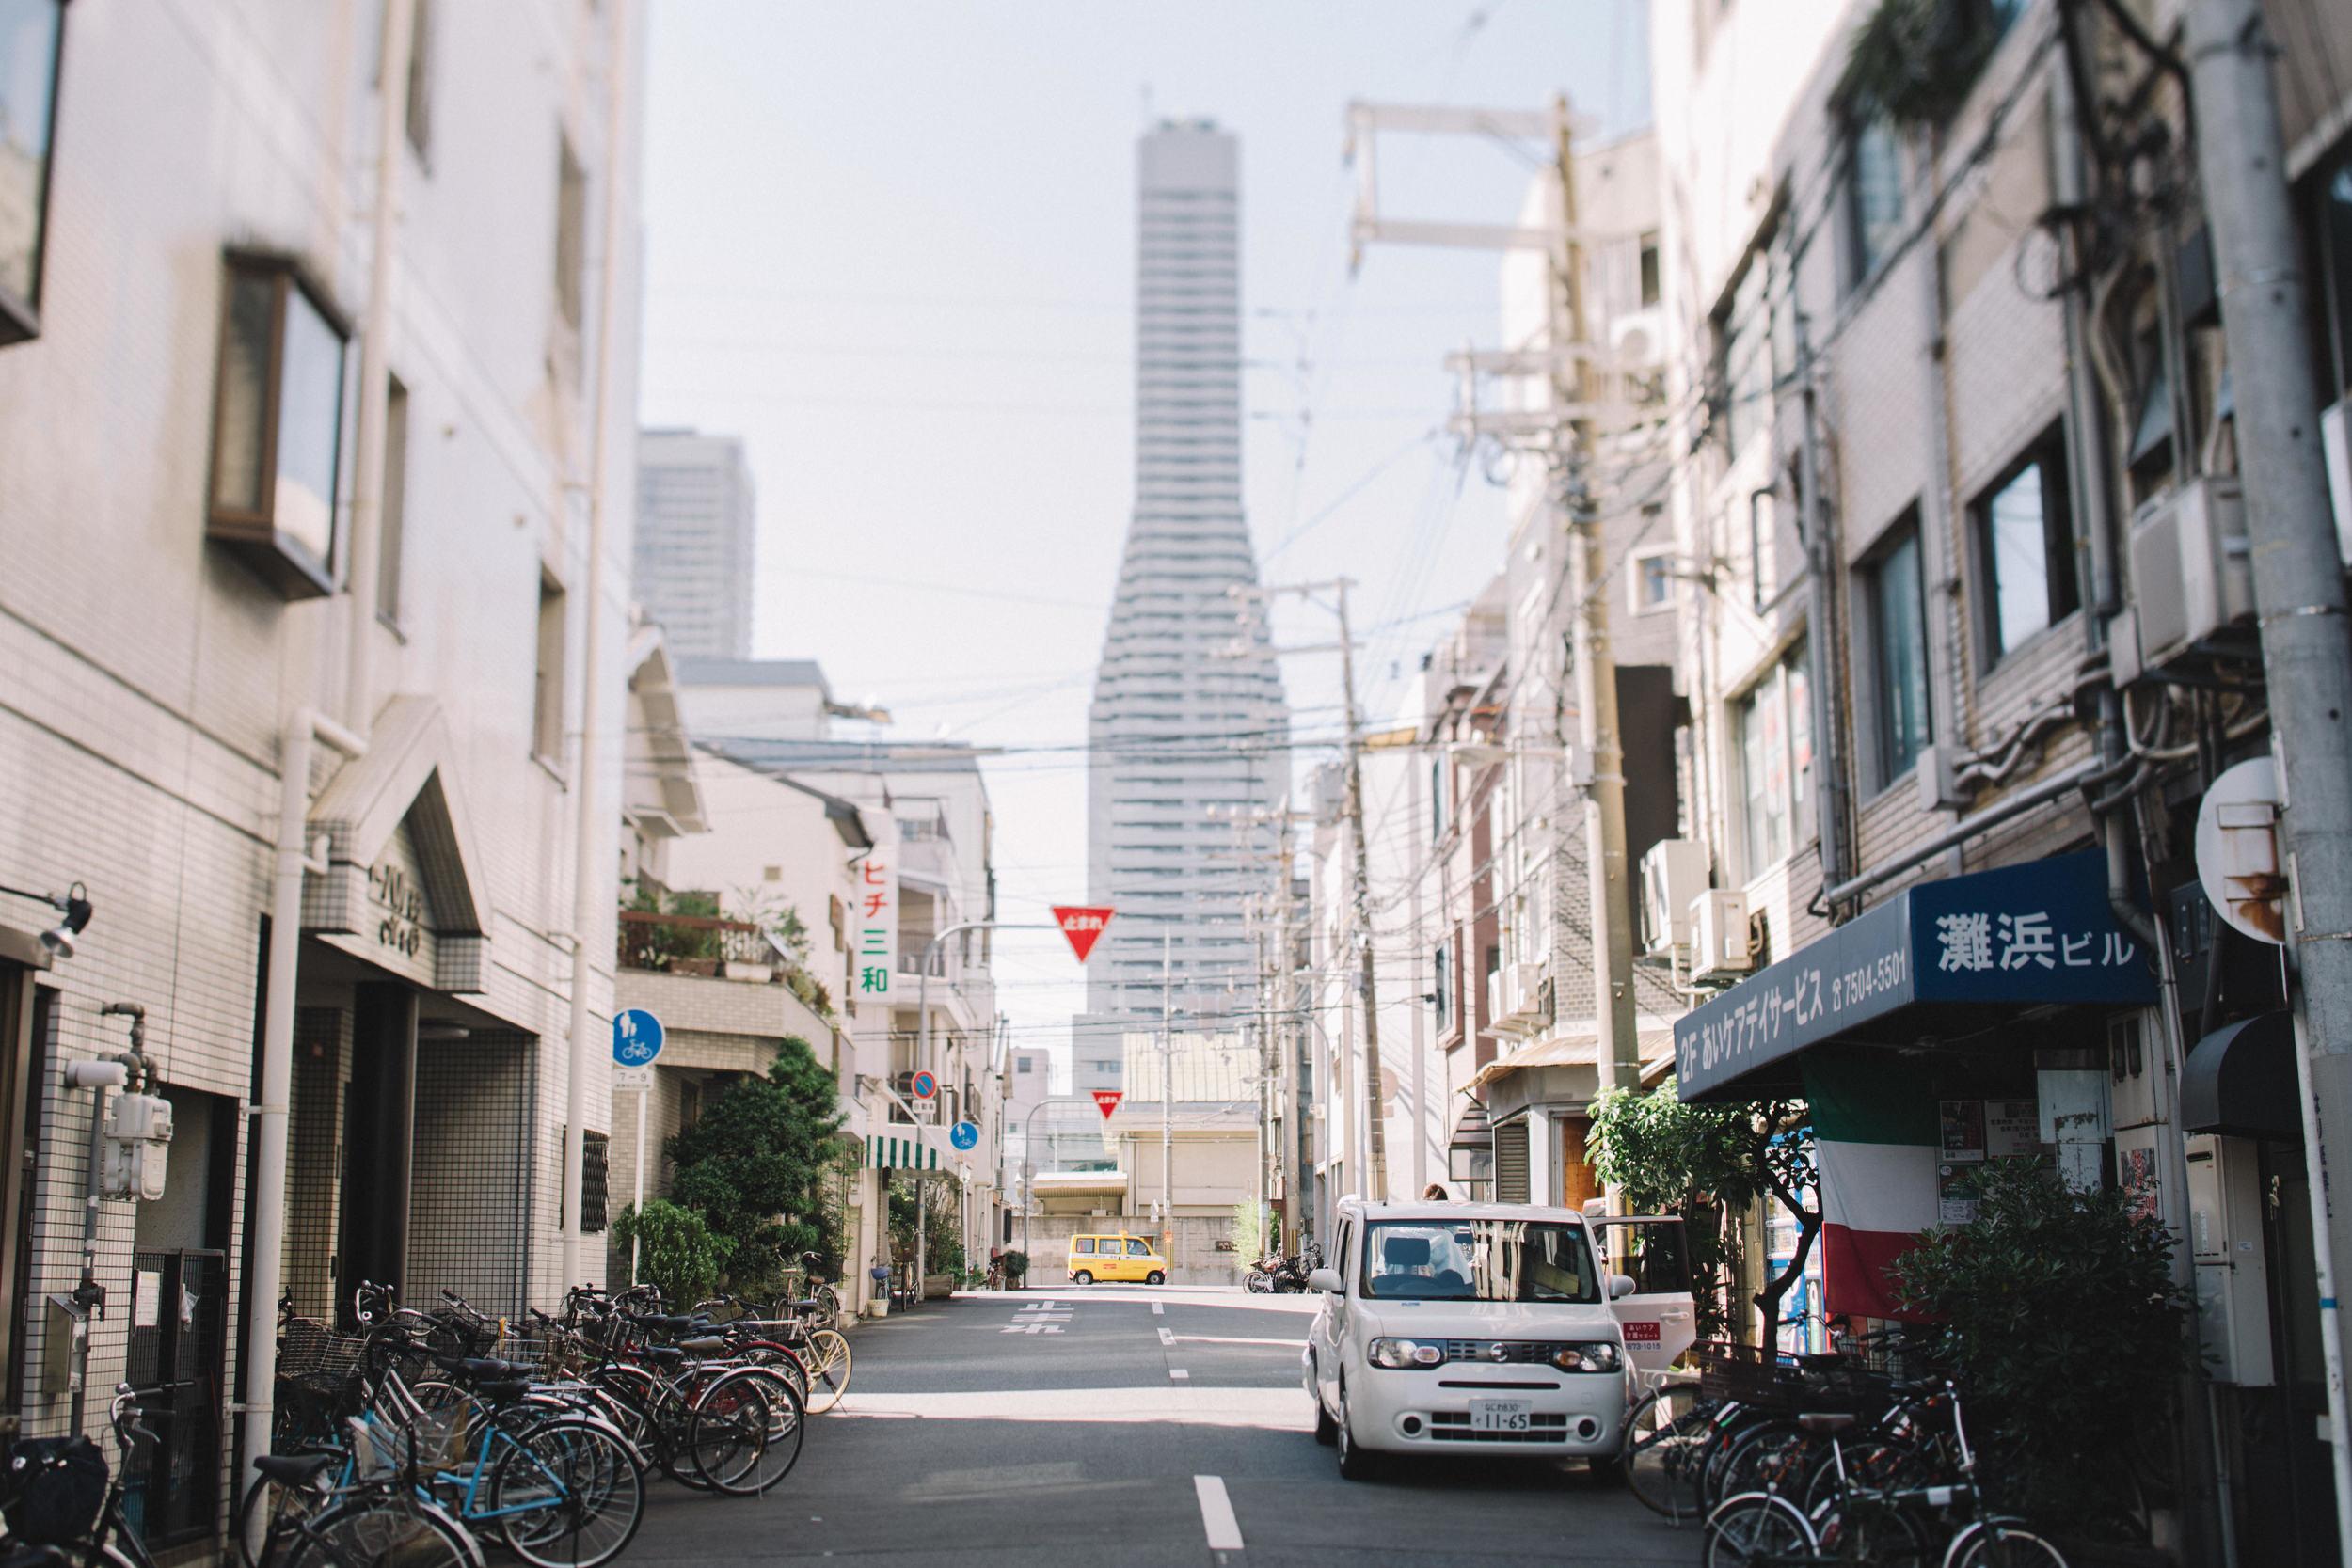 Japan, DC Photography, Dan Chern Photography, Bay Area Photography, Wedding Photography, Travel, Travel Photography, Tokyo, Kyoto, Odaiba, Osaka, Osaka Aquarium